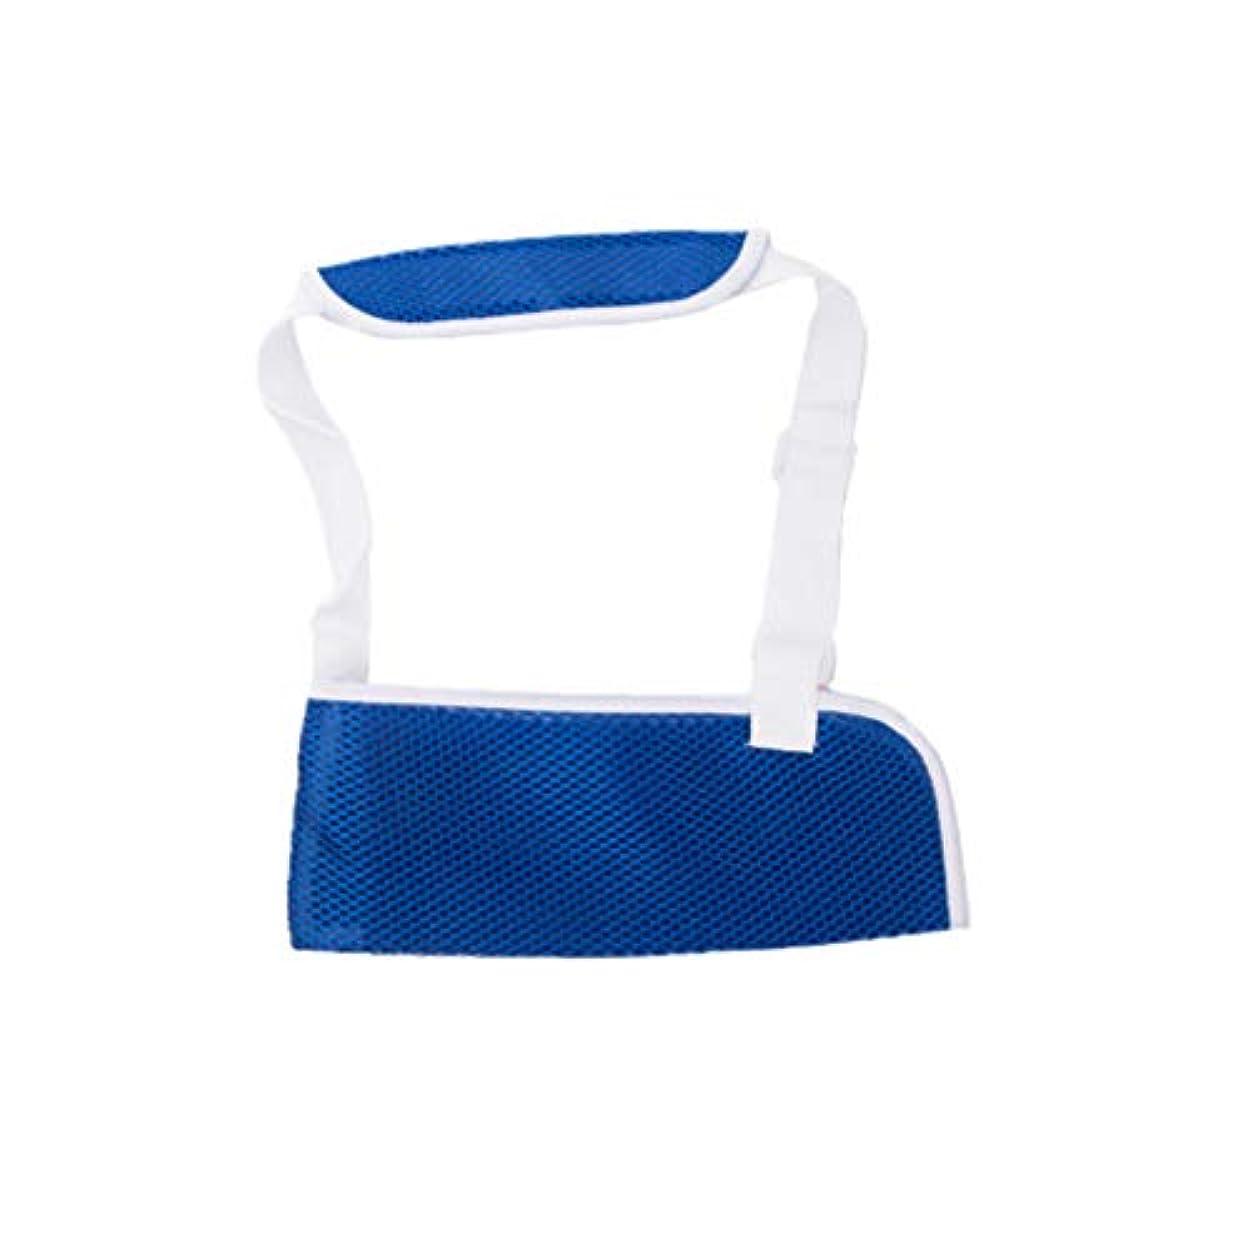 放棄シャット受益者Heallily アームスリング1ピース調節可能なアームスリング肩サポートスプリットストラップ付き通気性のある手首の肘サポート子供の脱臼、骨折、捻rain、骨折した腕(サイズl)